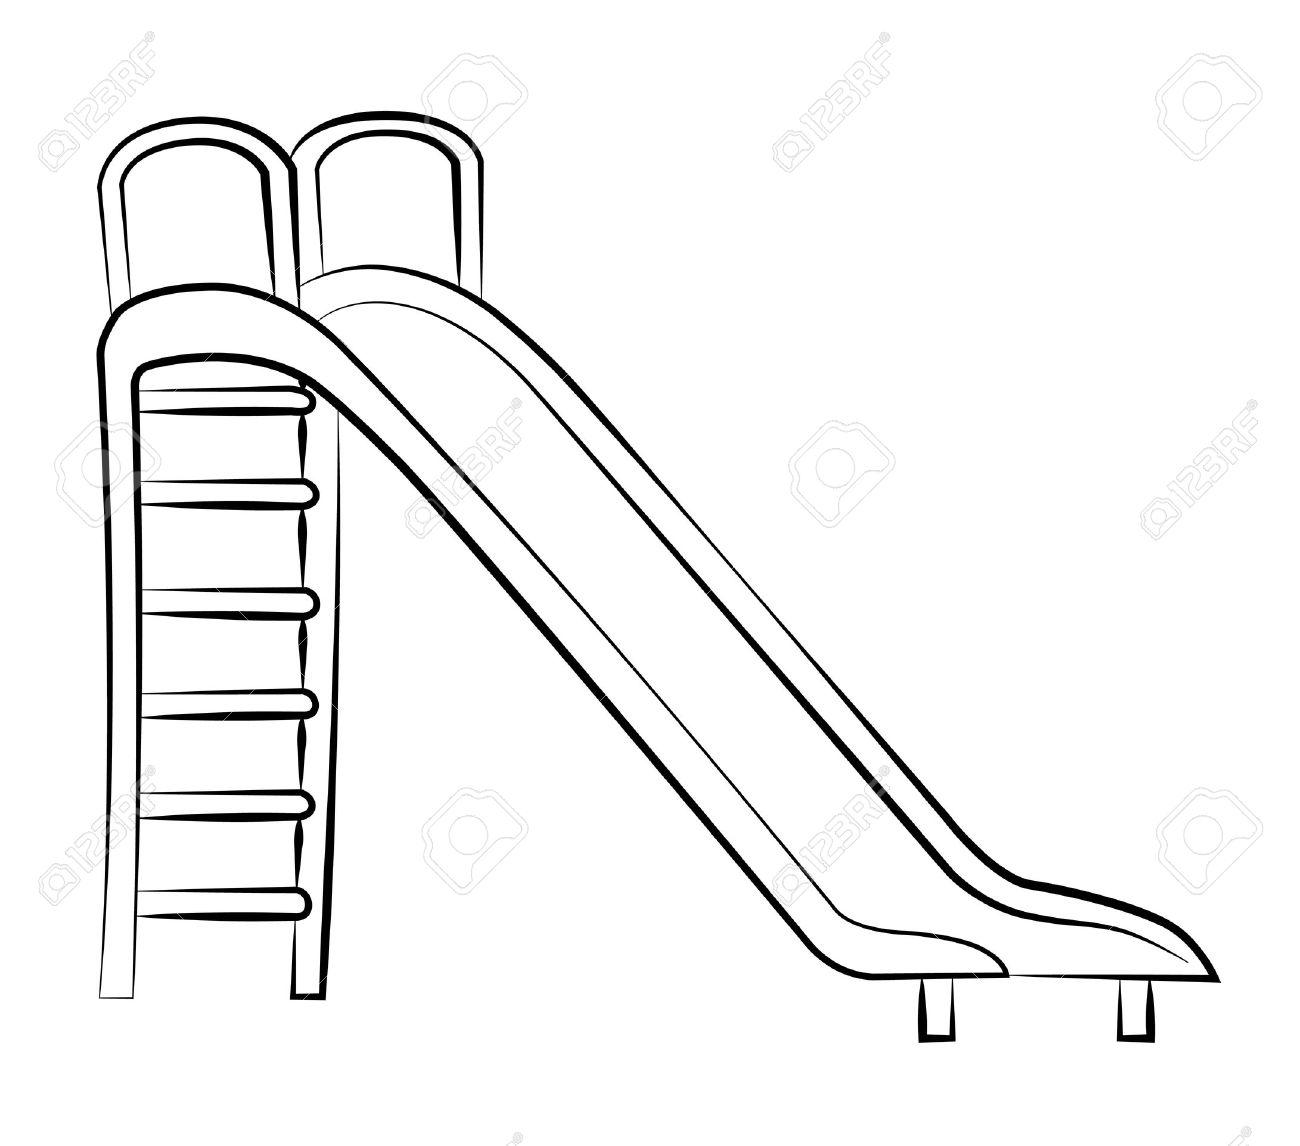 Black outline vector slide on white background. Stock Vector - 25305255